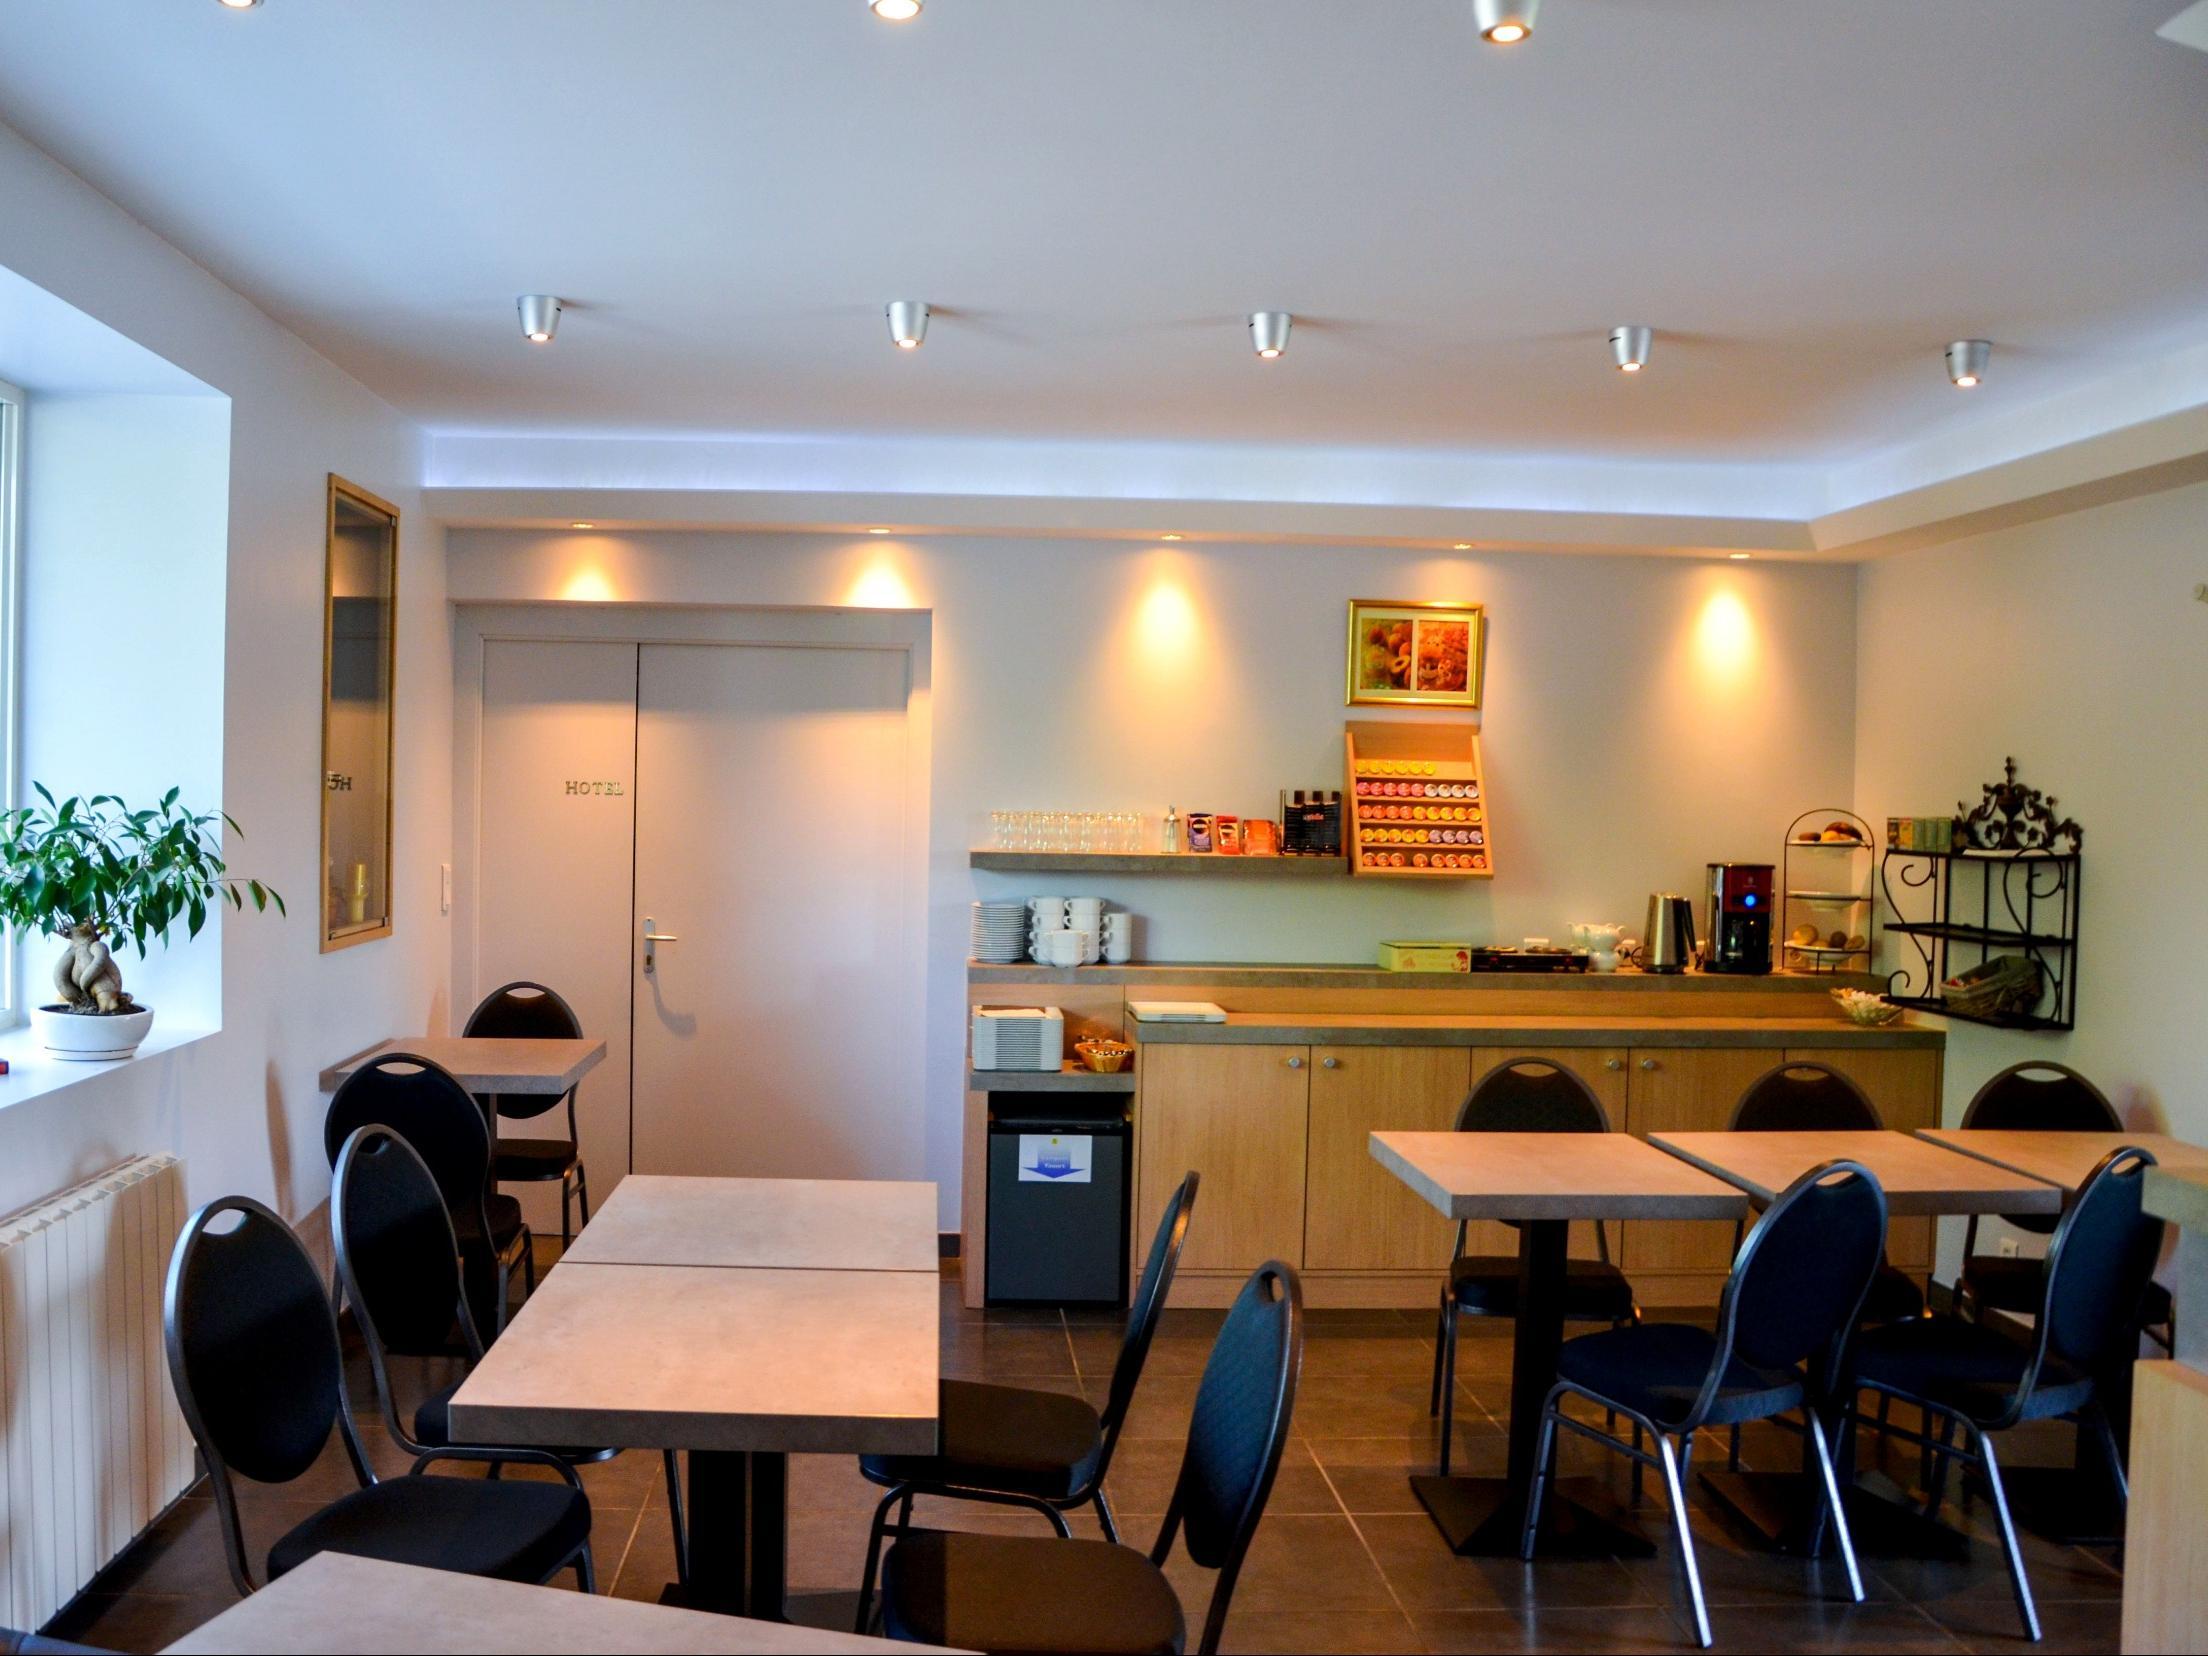 hotel aux berges de l 39 aveyron onet le ch teau. Black Bedroom Furniture Sets. Home Design Ideas